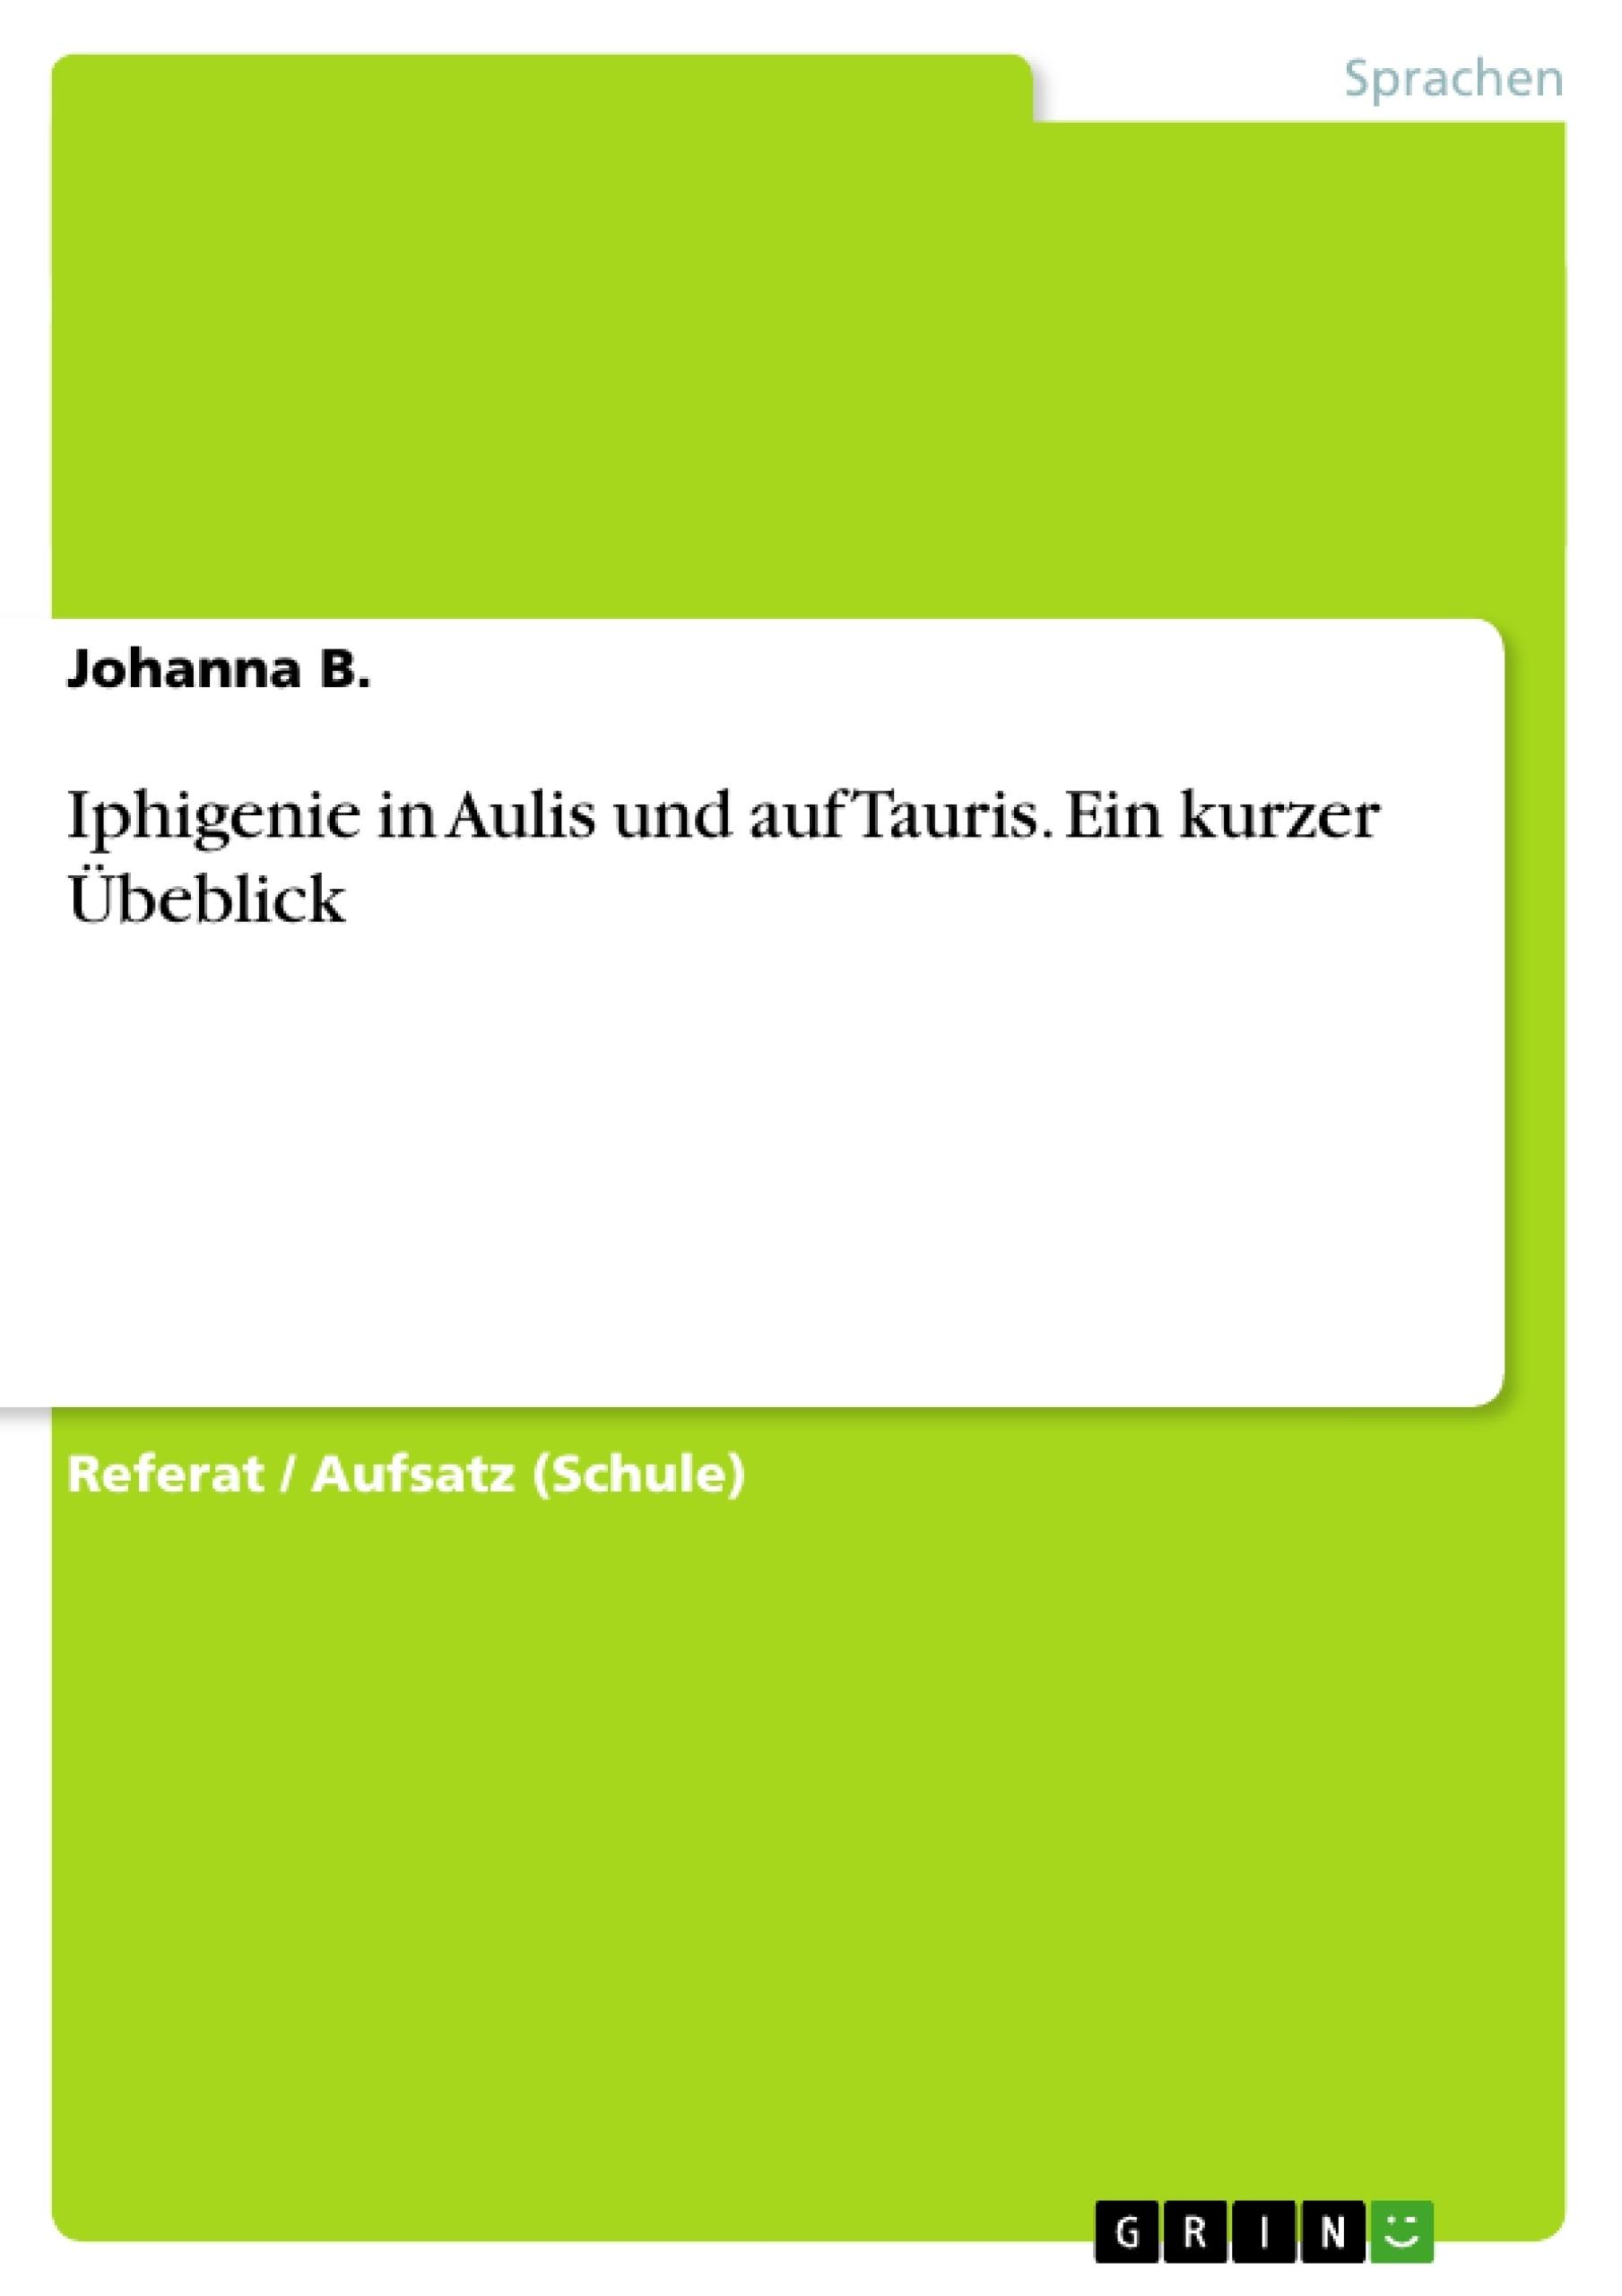 Titel: Iphigenie in Aulis und auf Tauris. Ein kurzer Übeblick